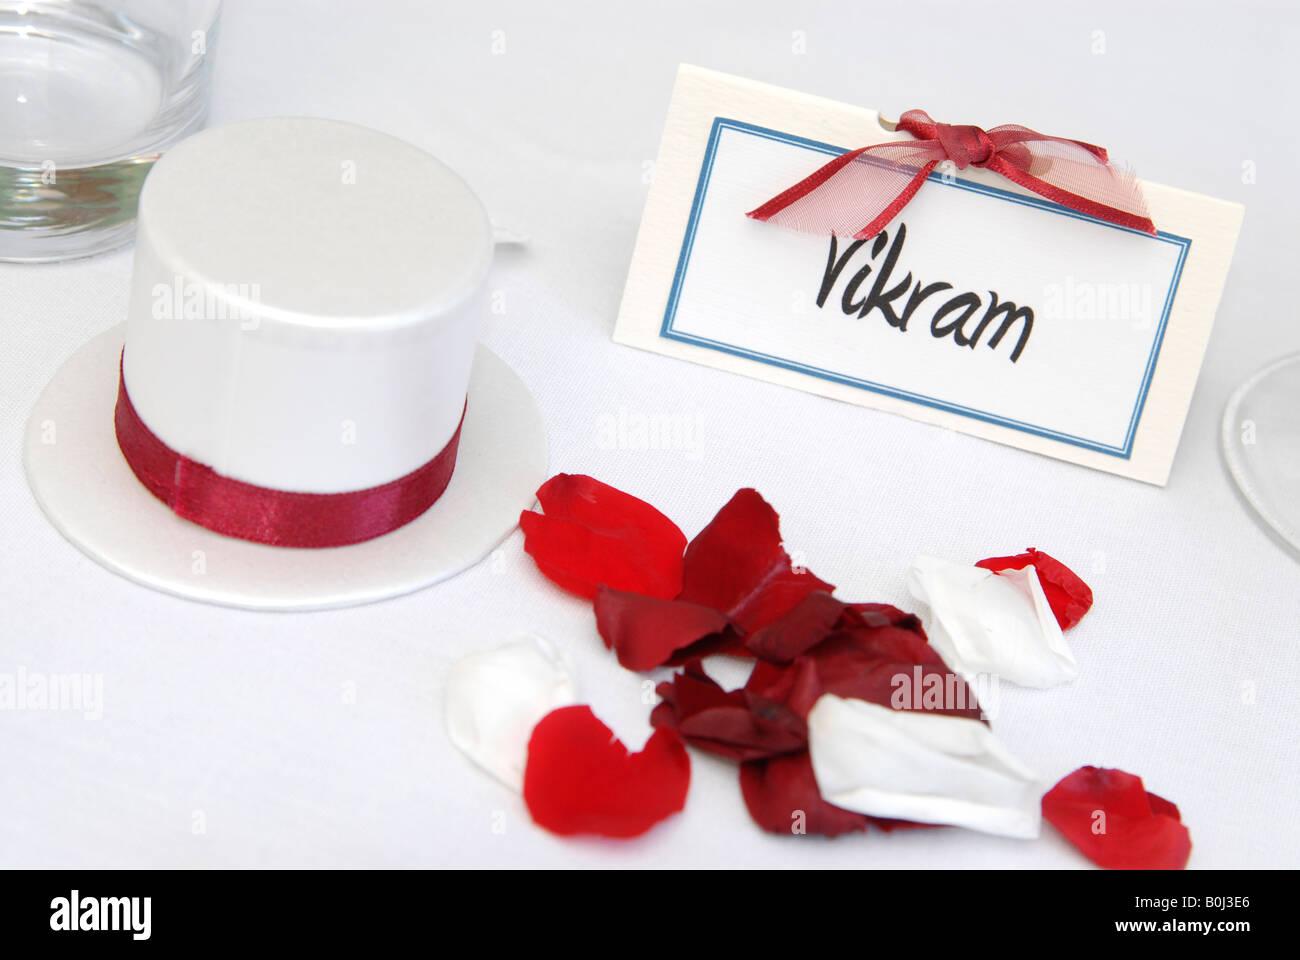 Eine Rote Und Weisse Hut Hochzeit Gunst Auf Einem Tisch Bei Einer